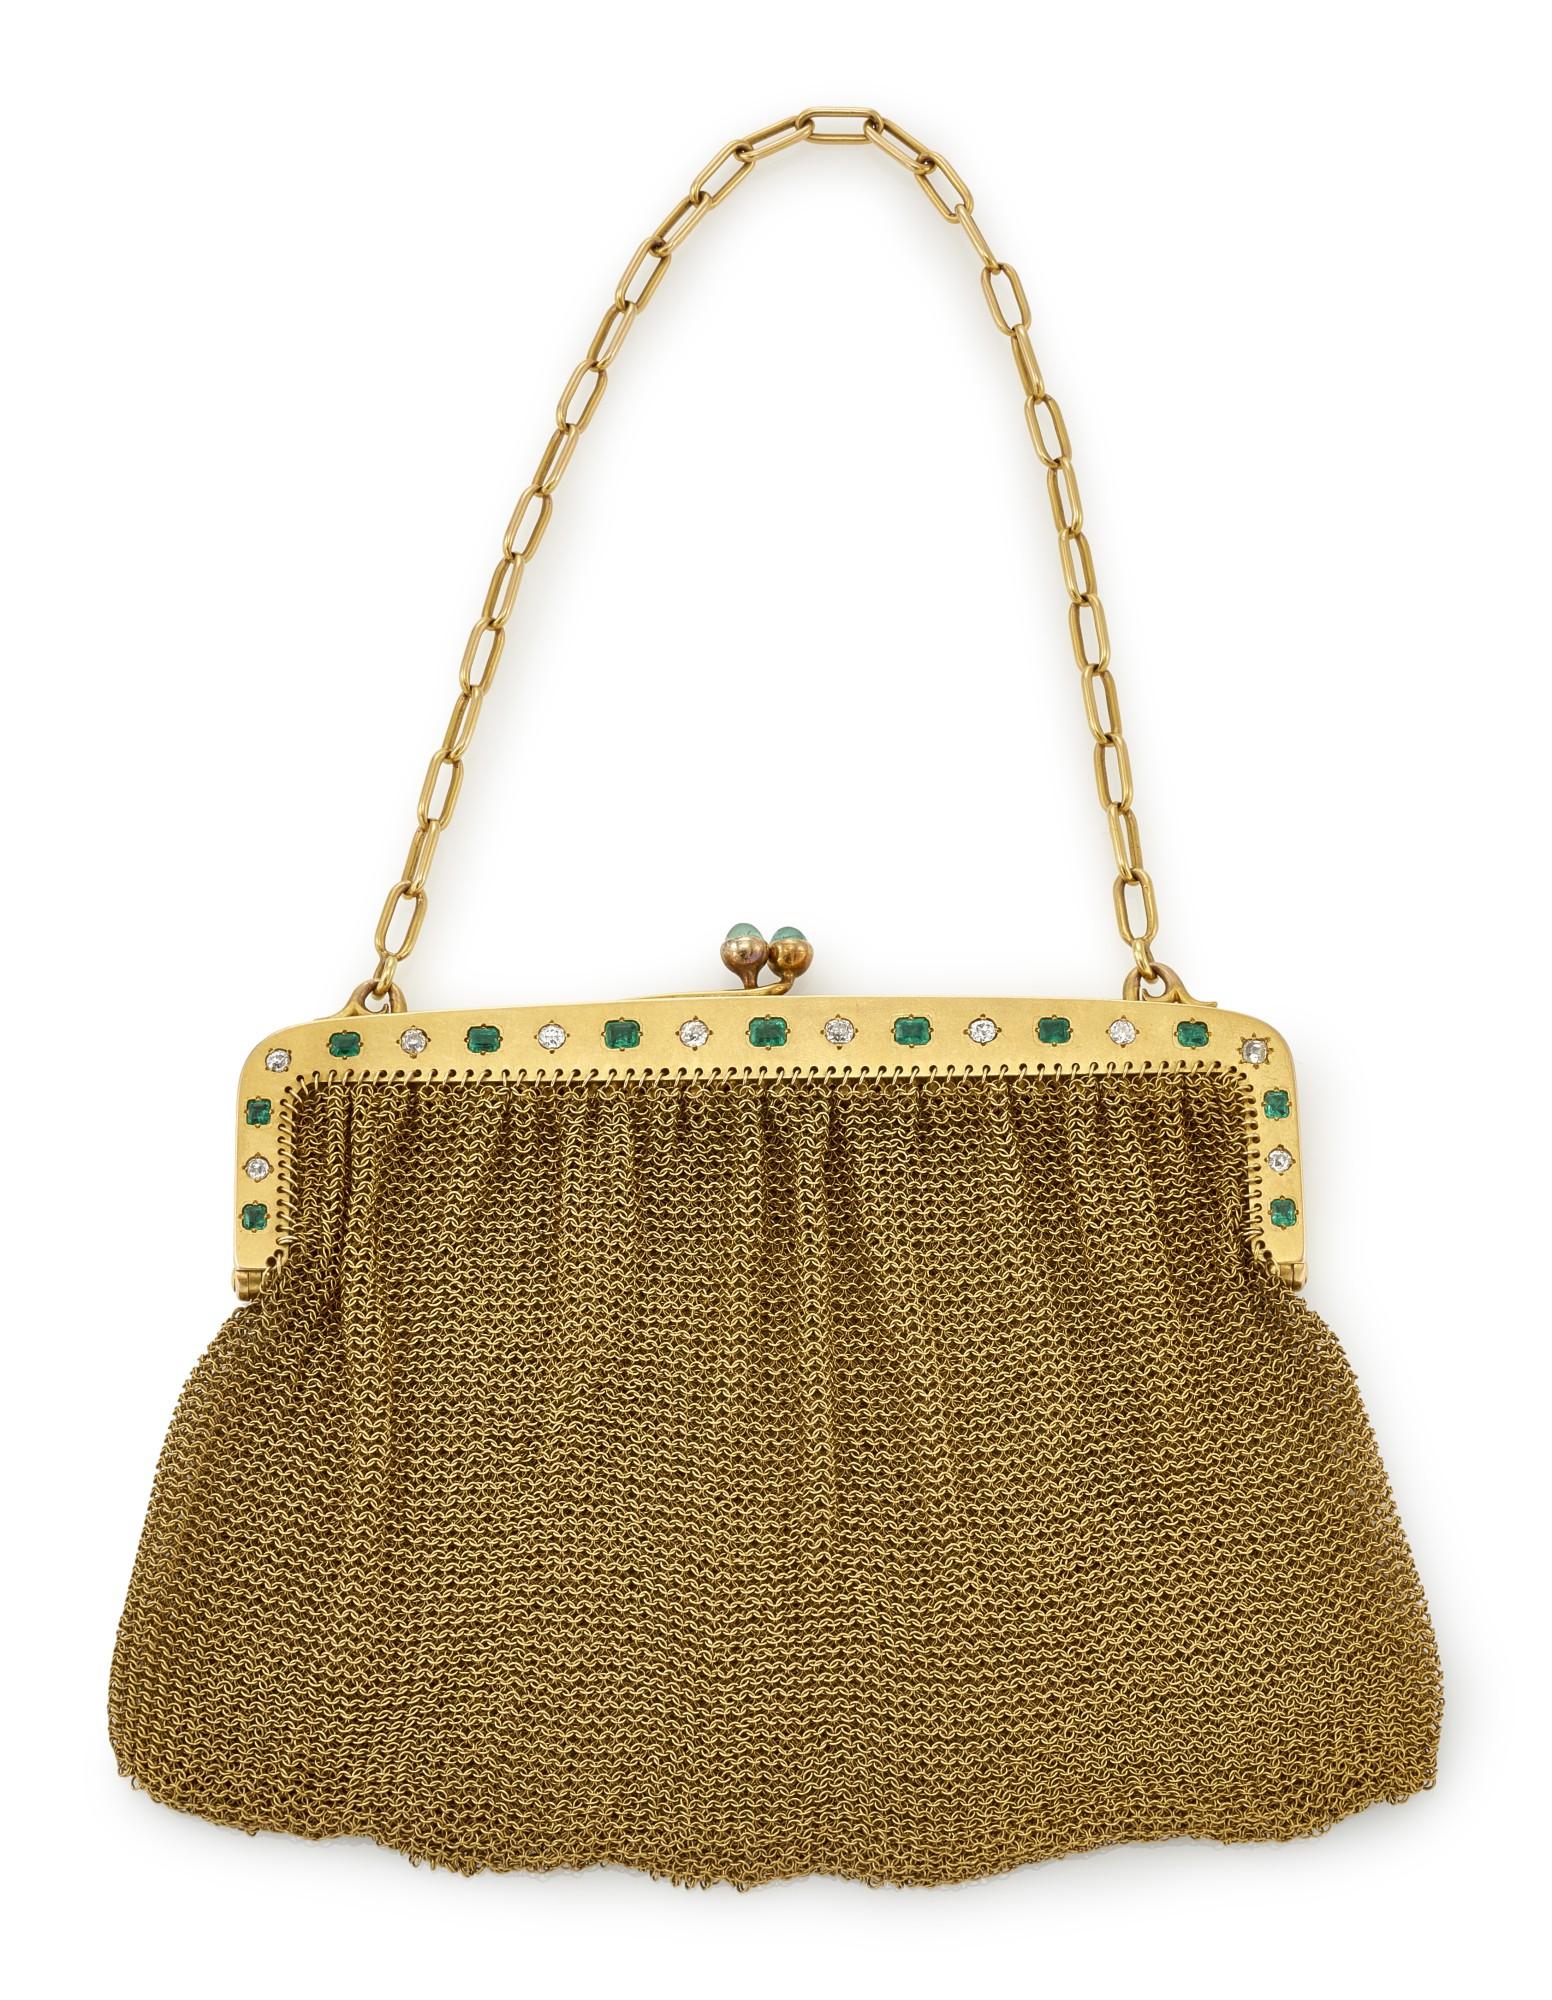 LADY'S EMERALD AND DIAMOND EVENING BAG (BORSETTA DA SERA CON SMERALDI E DIAMANTI)